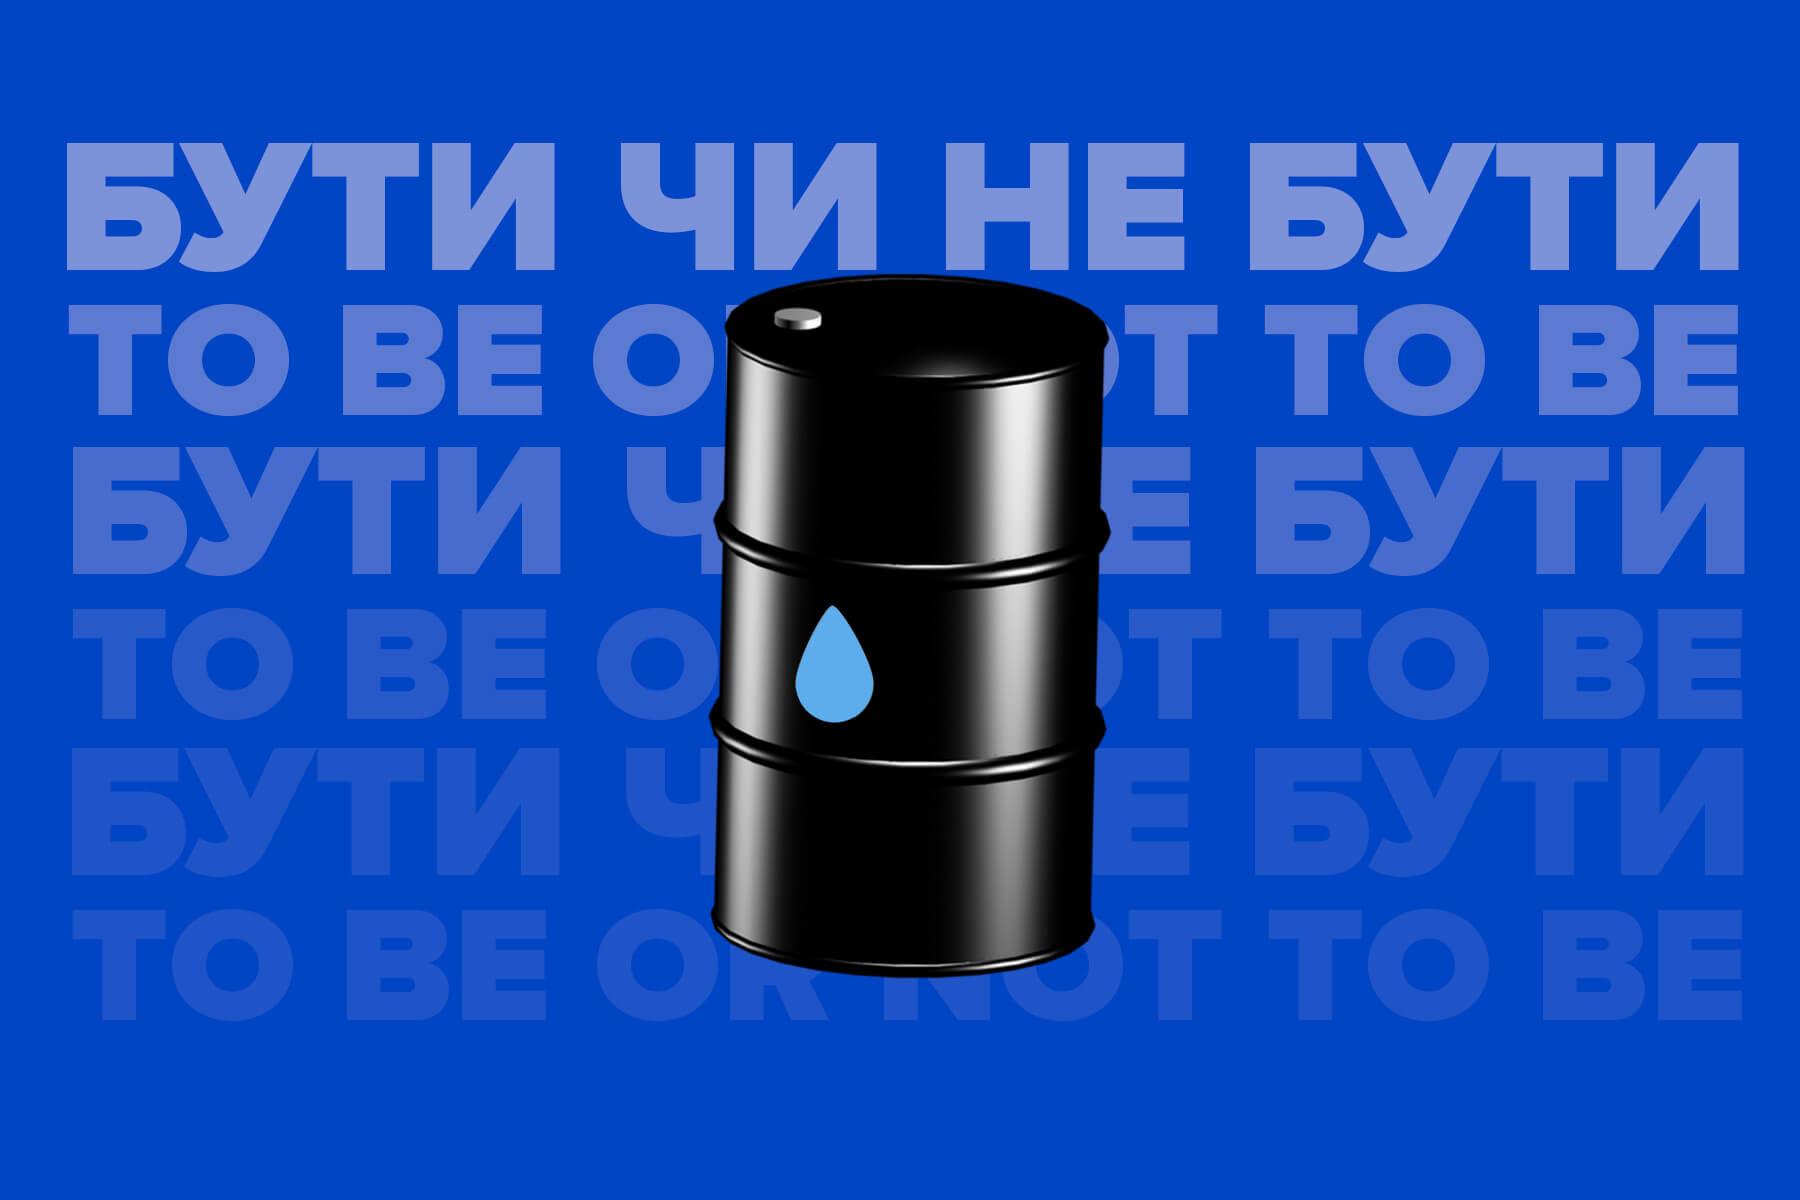 Нафтовий понеділок. Як зниження цін вплине на Україну?